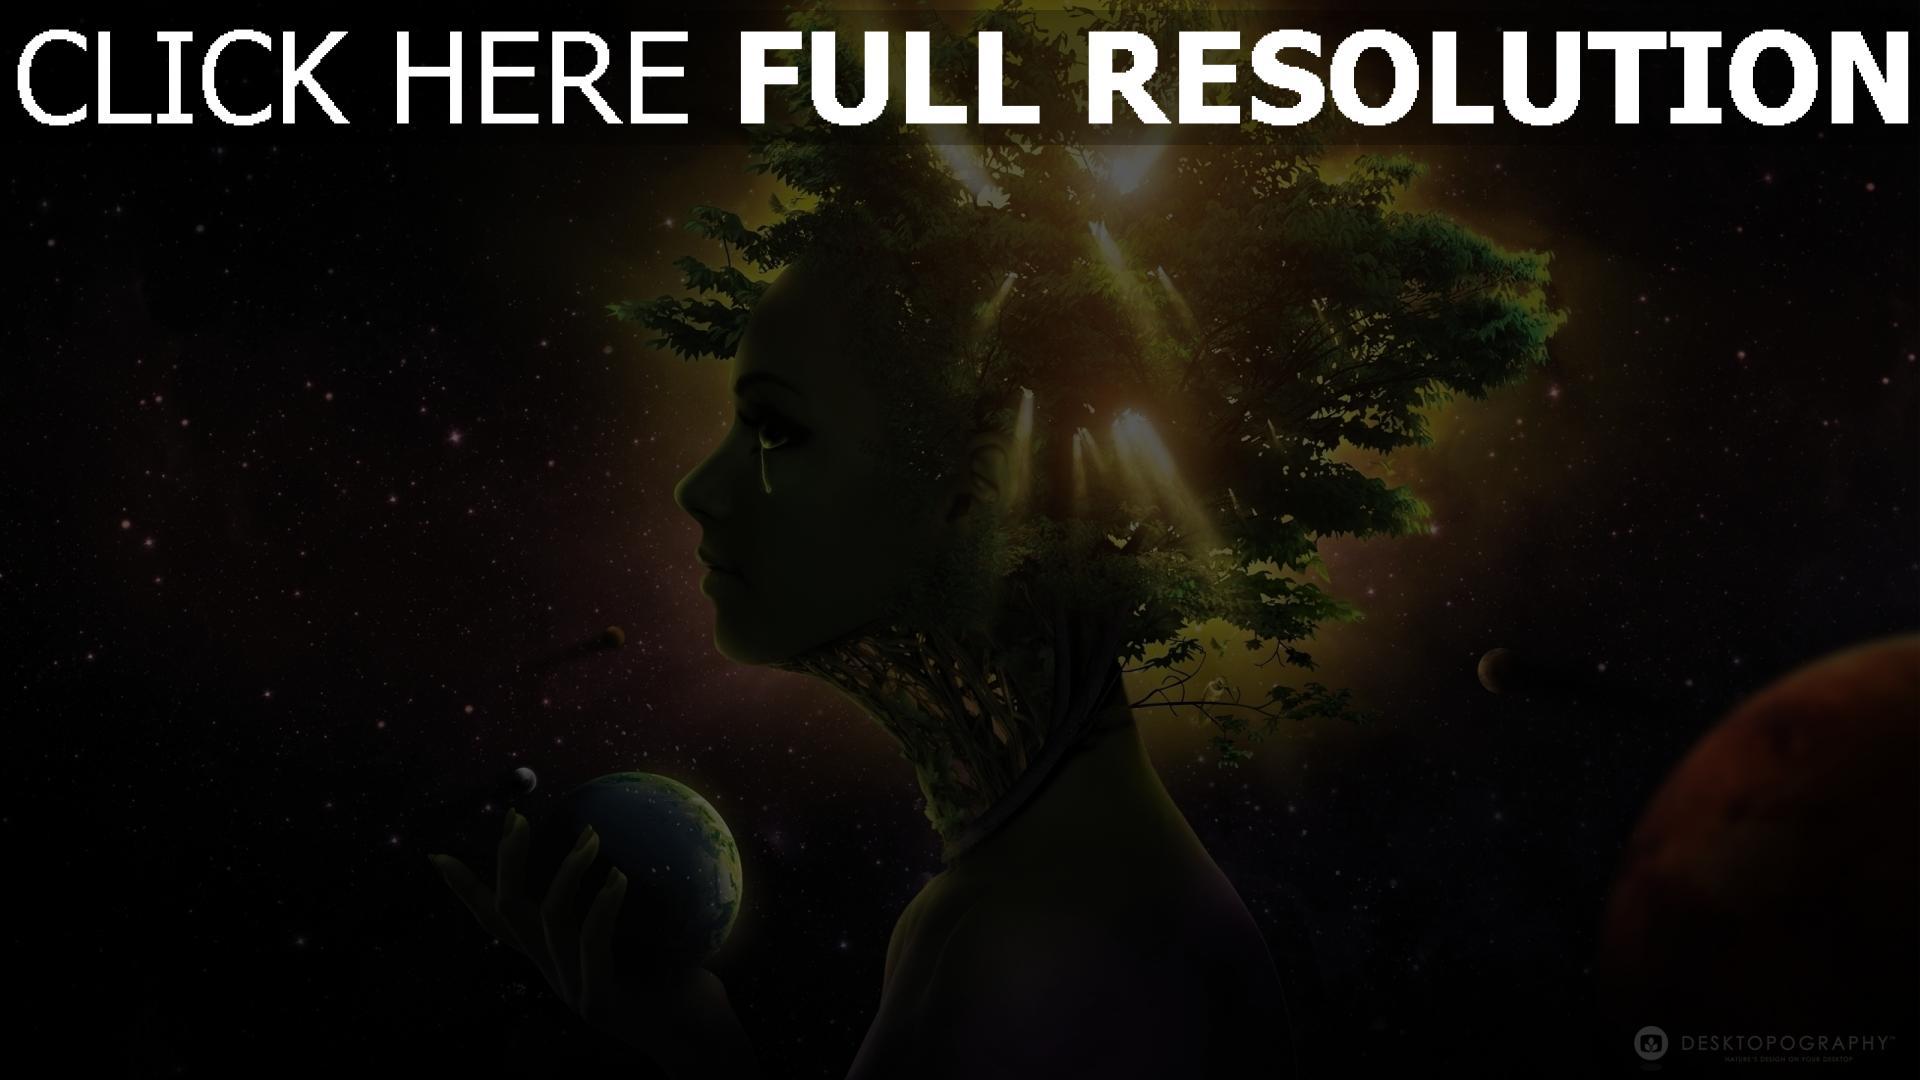 fond d'écran 1920x1080 visage arbre galaxie planète